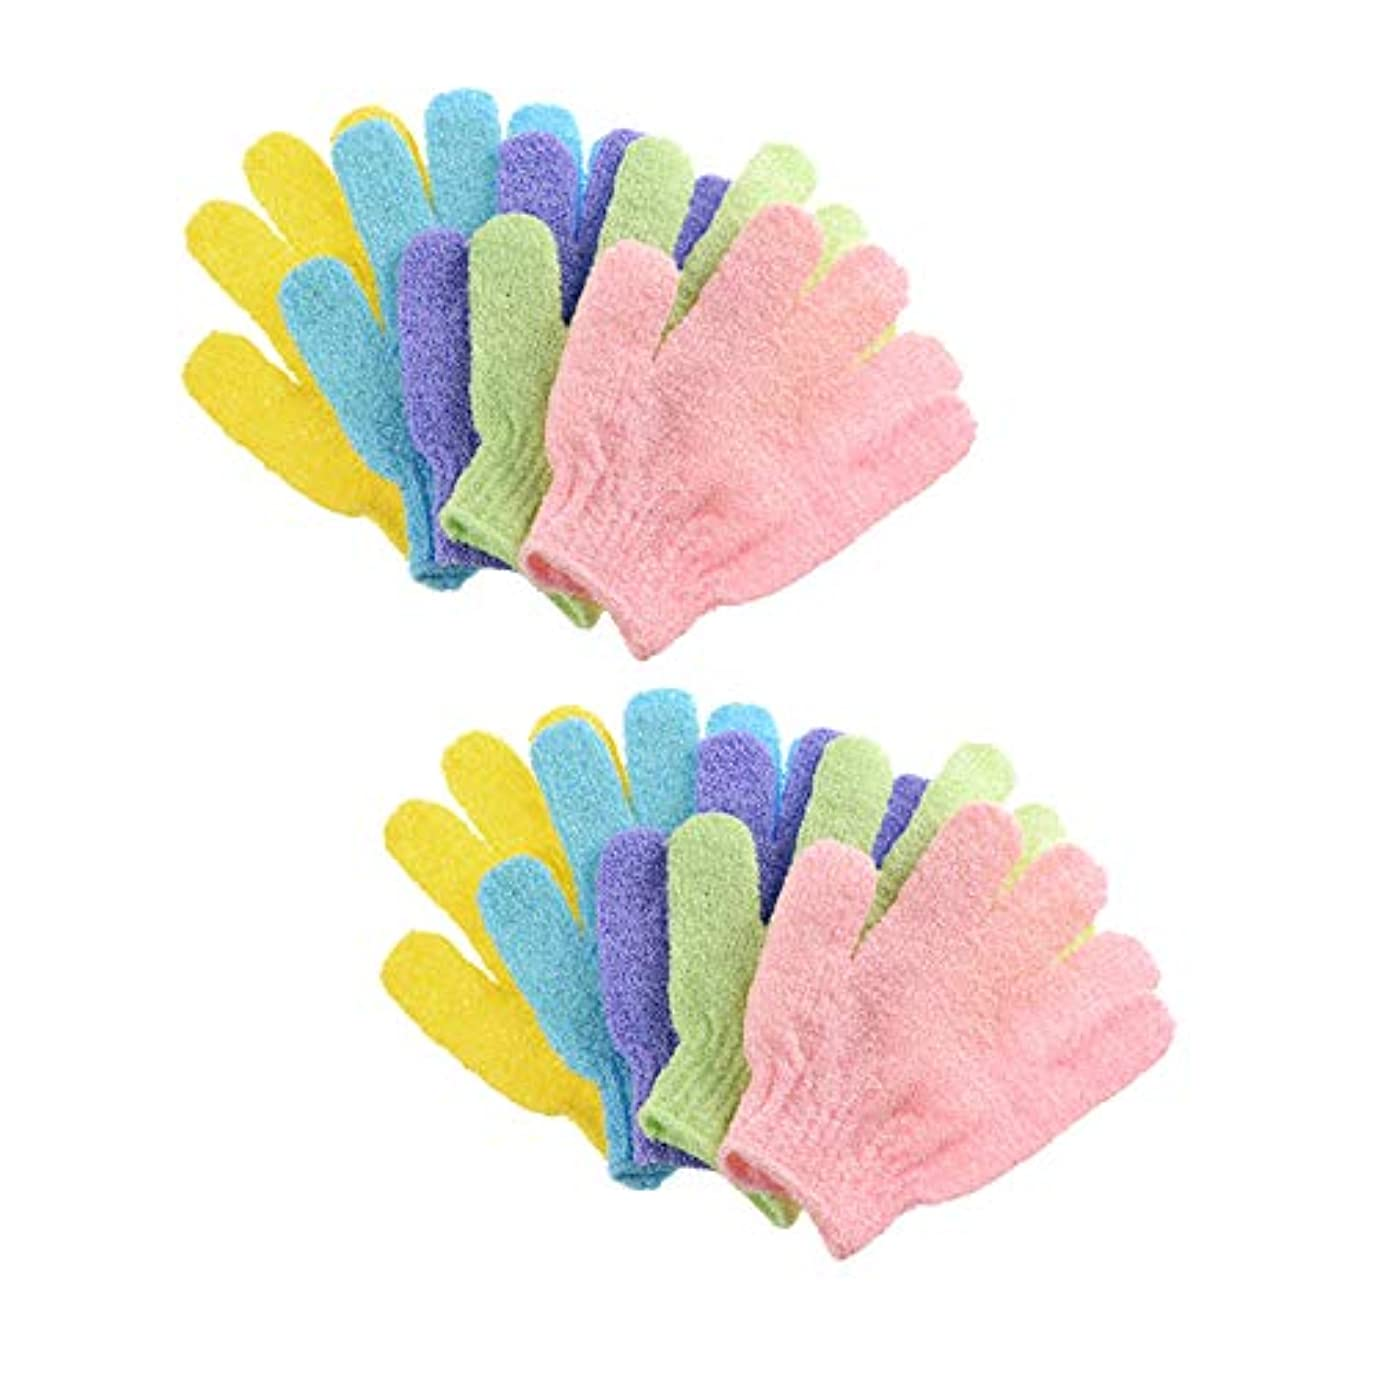 ブレースシャベルオーク浴用手袋 入浴用手袋 お風呂用手袋 5ペア角質除去バスグローブ 抗菌加工 ボディタオル シャワーボディーグローブ 両面スクラブバスグローブボディスクラブエクスフォリエーター用 男女兼用